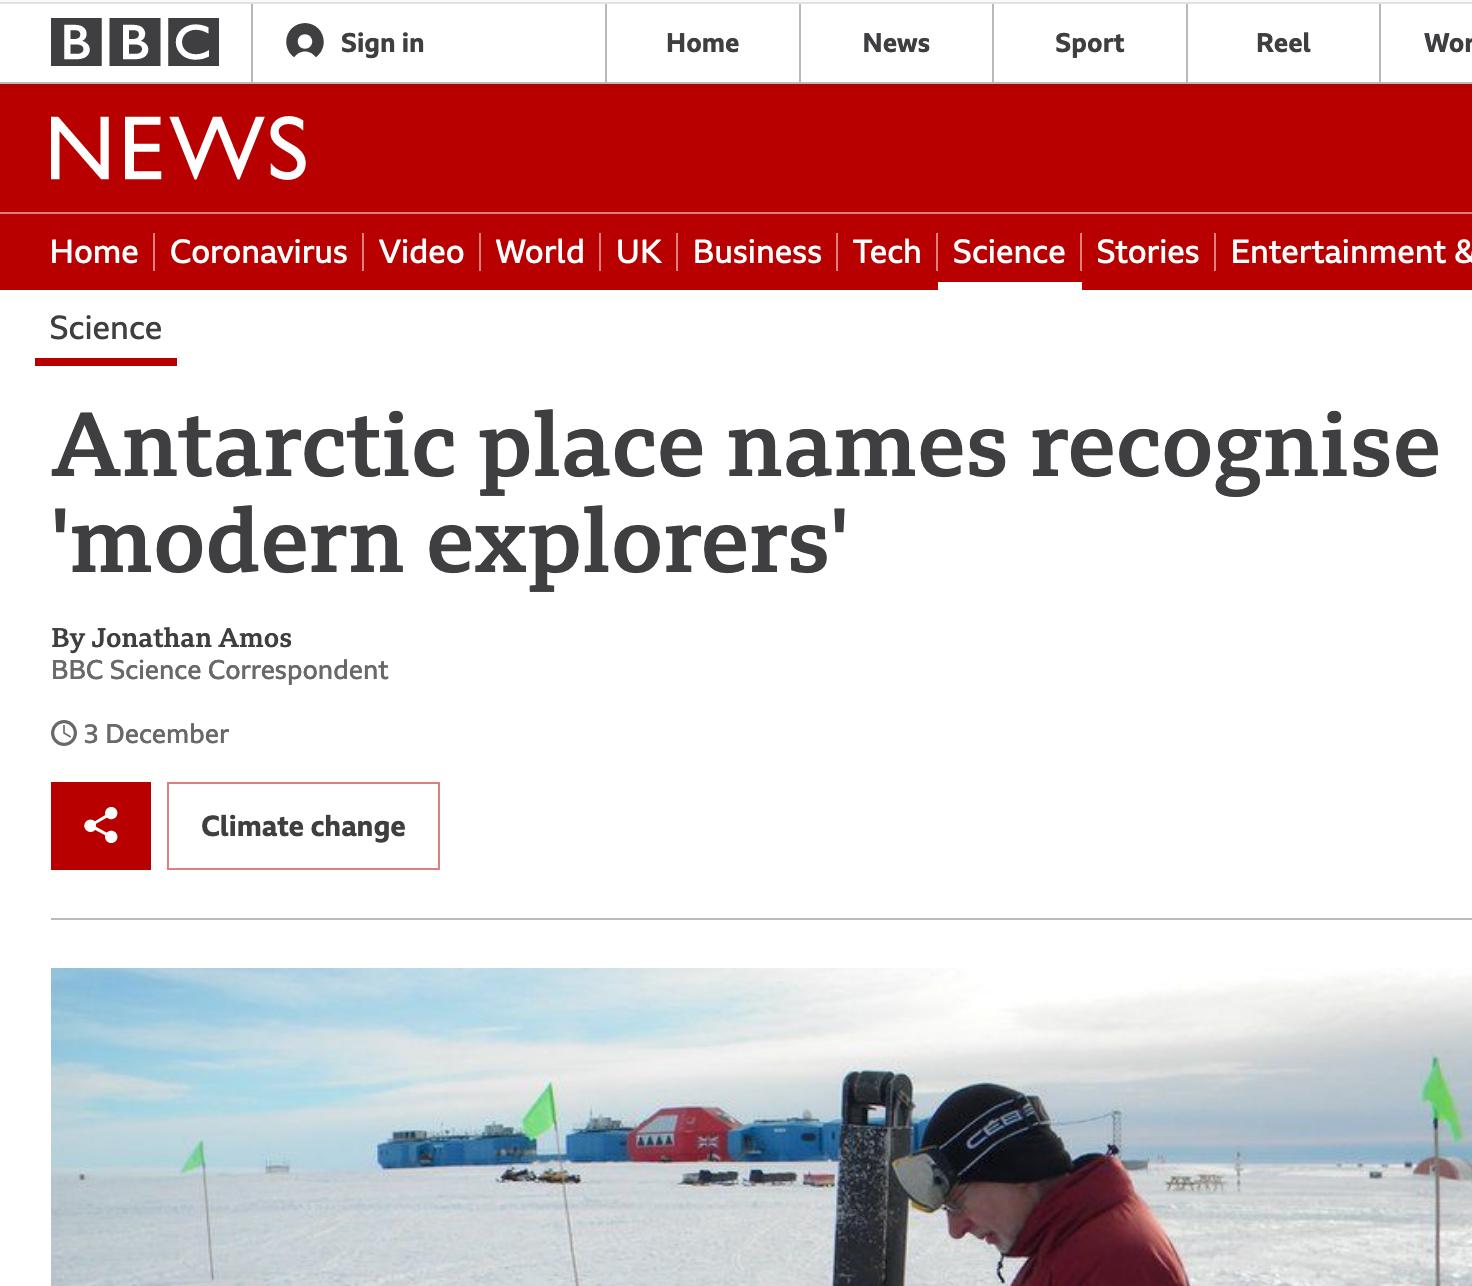 L'annonce de l'opération de place naming par BBC News qui met en avant le choix d'explorateur.trices contemporain.es